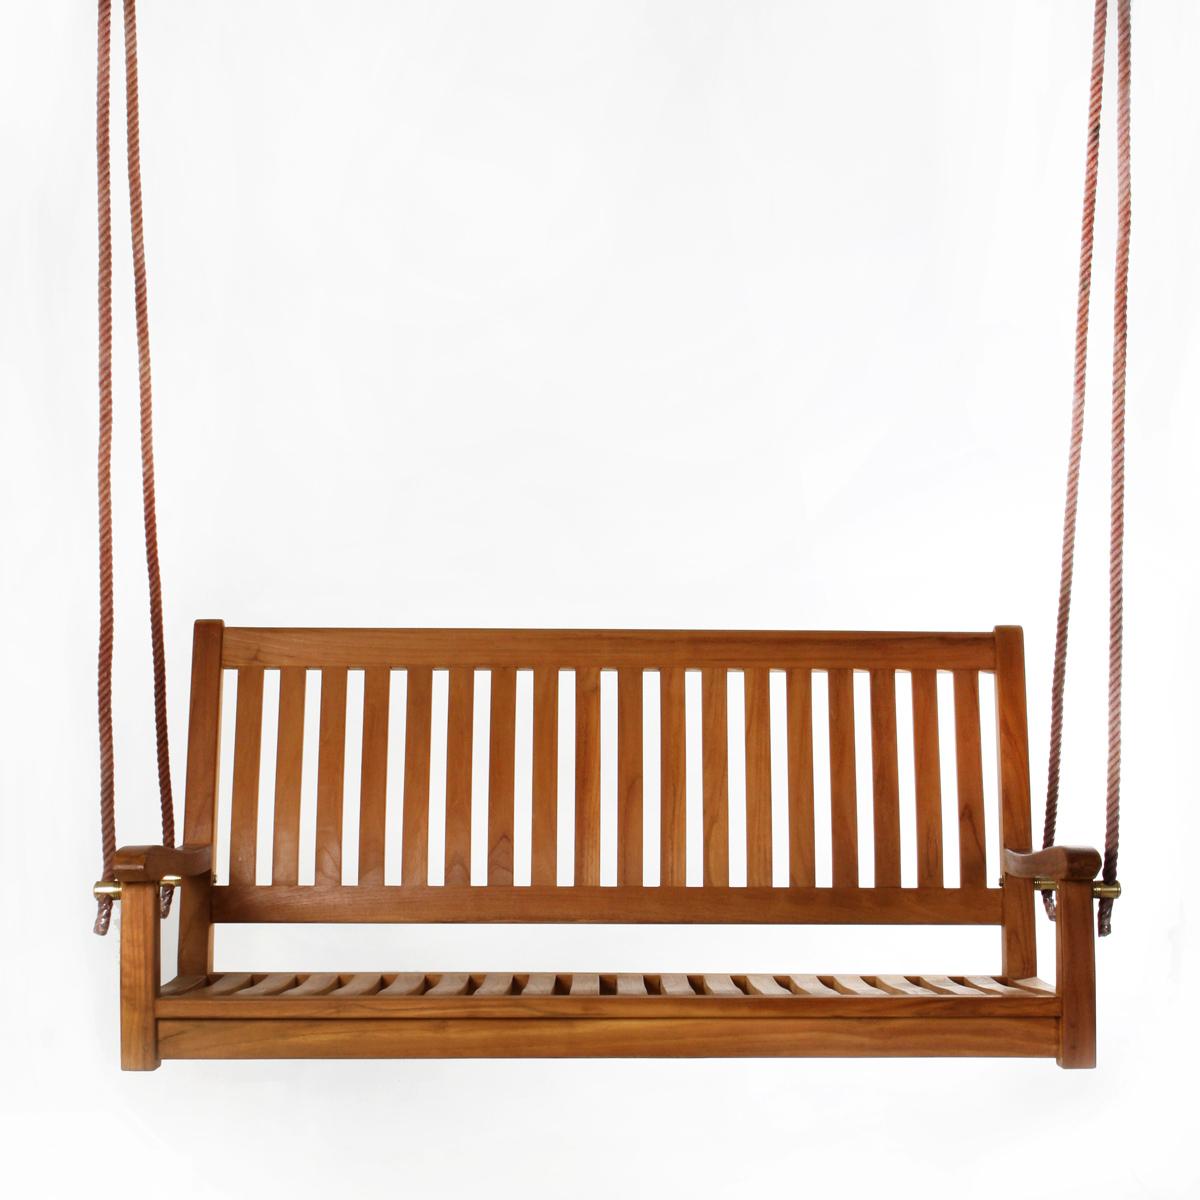 All Things Cedar 26 In X 54 In Brown Teak Swing Throughout 3 Person Light Teak Oil Wood Outdoor Swings (View 17 of 25)